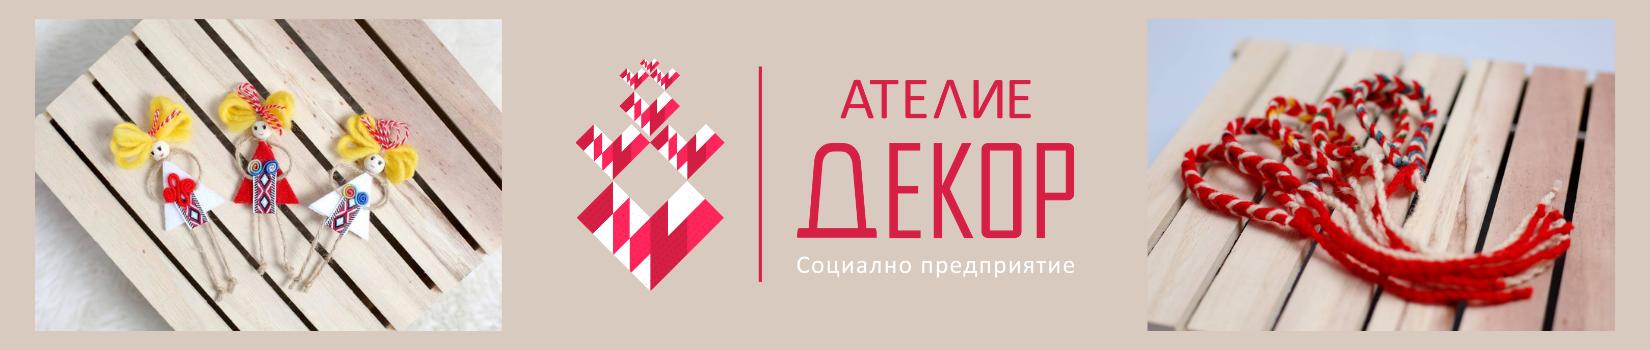 Ателие ДЕКОР